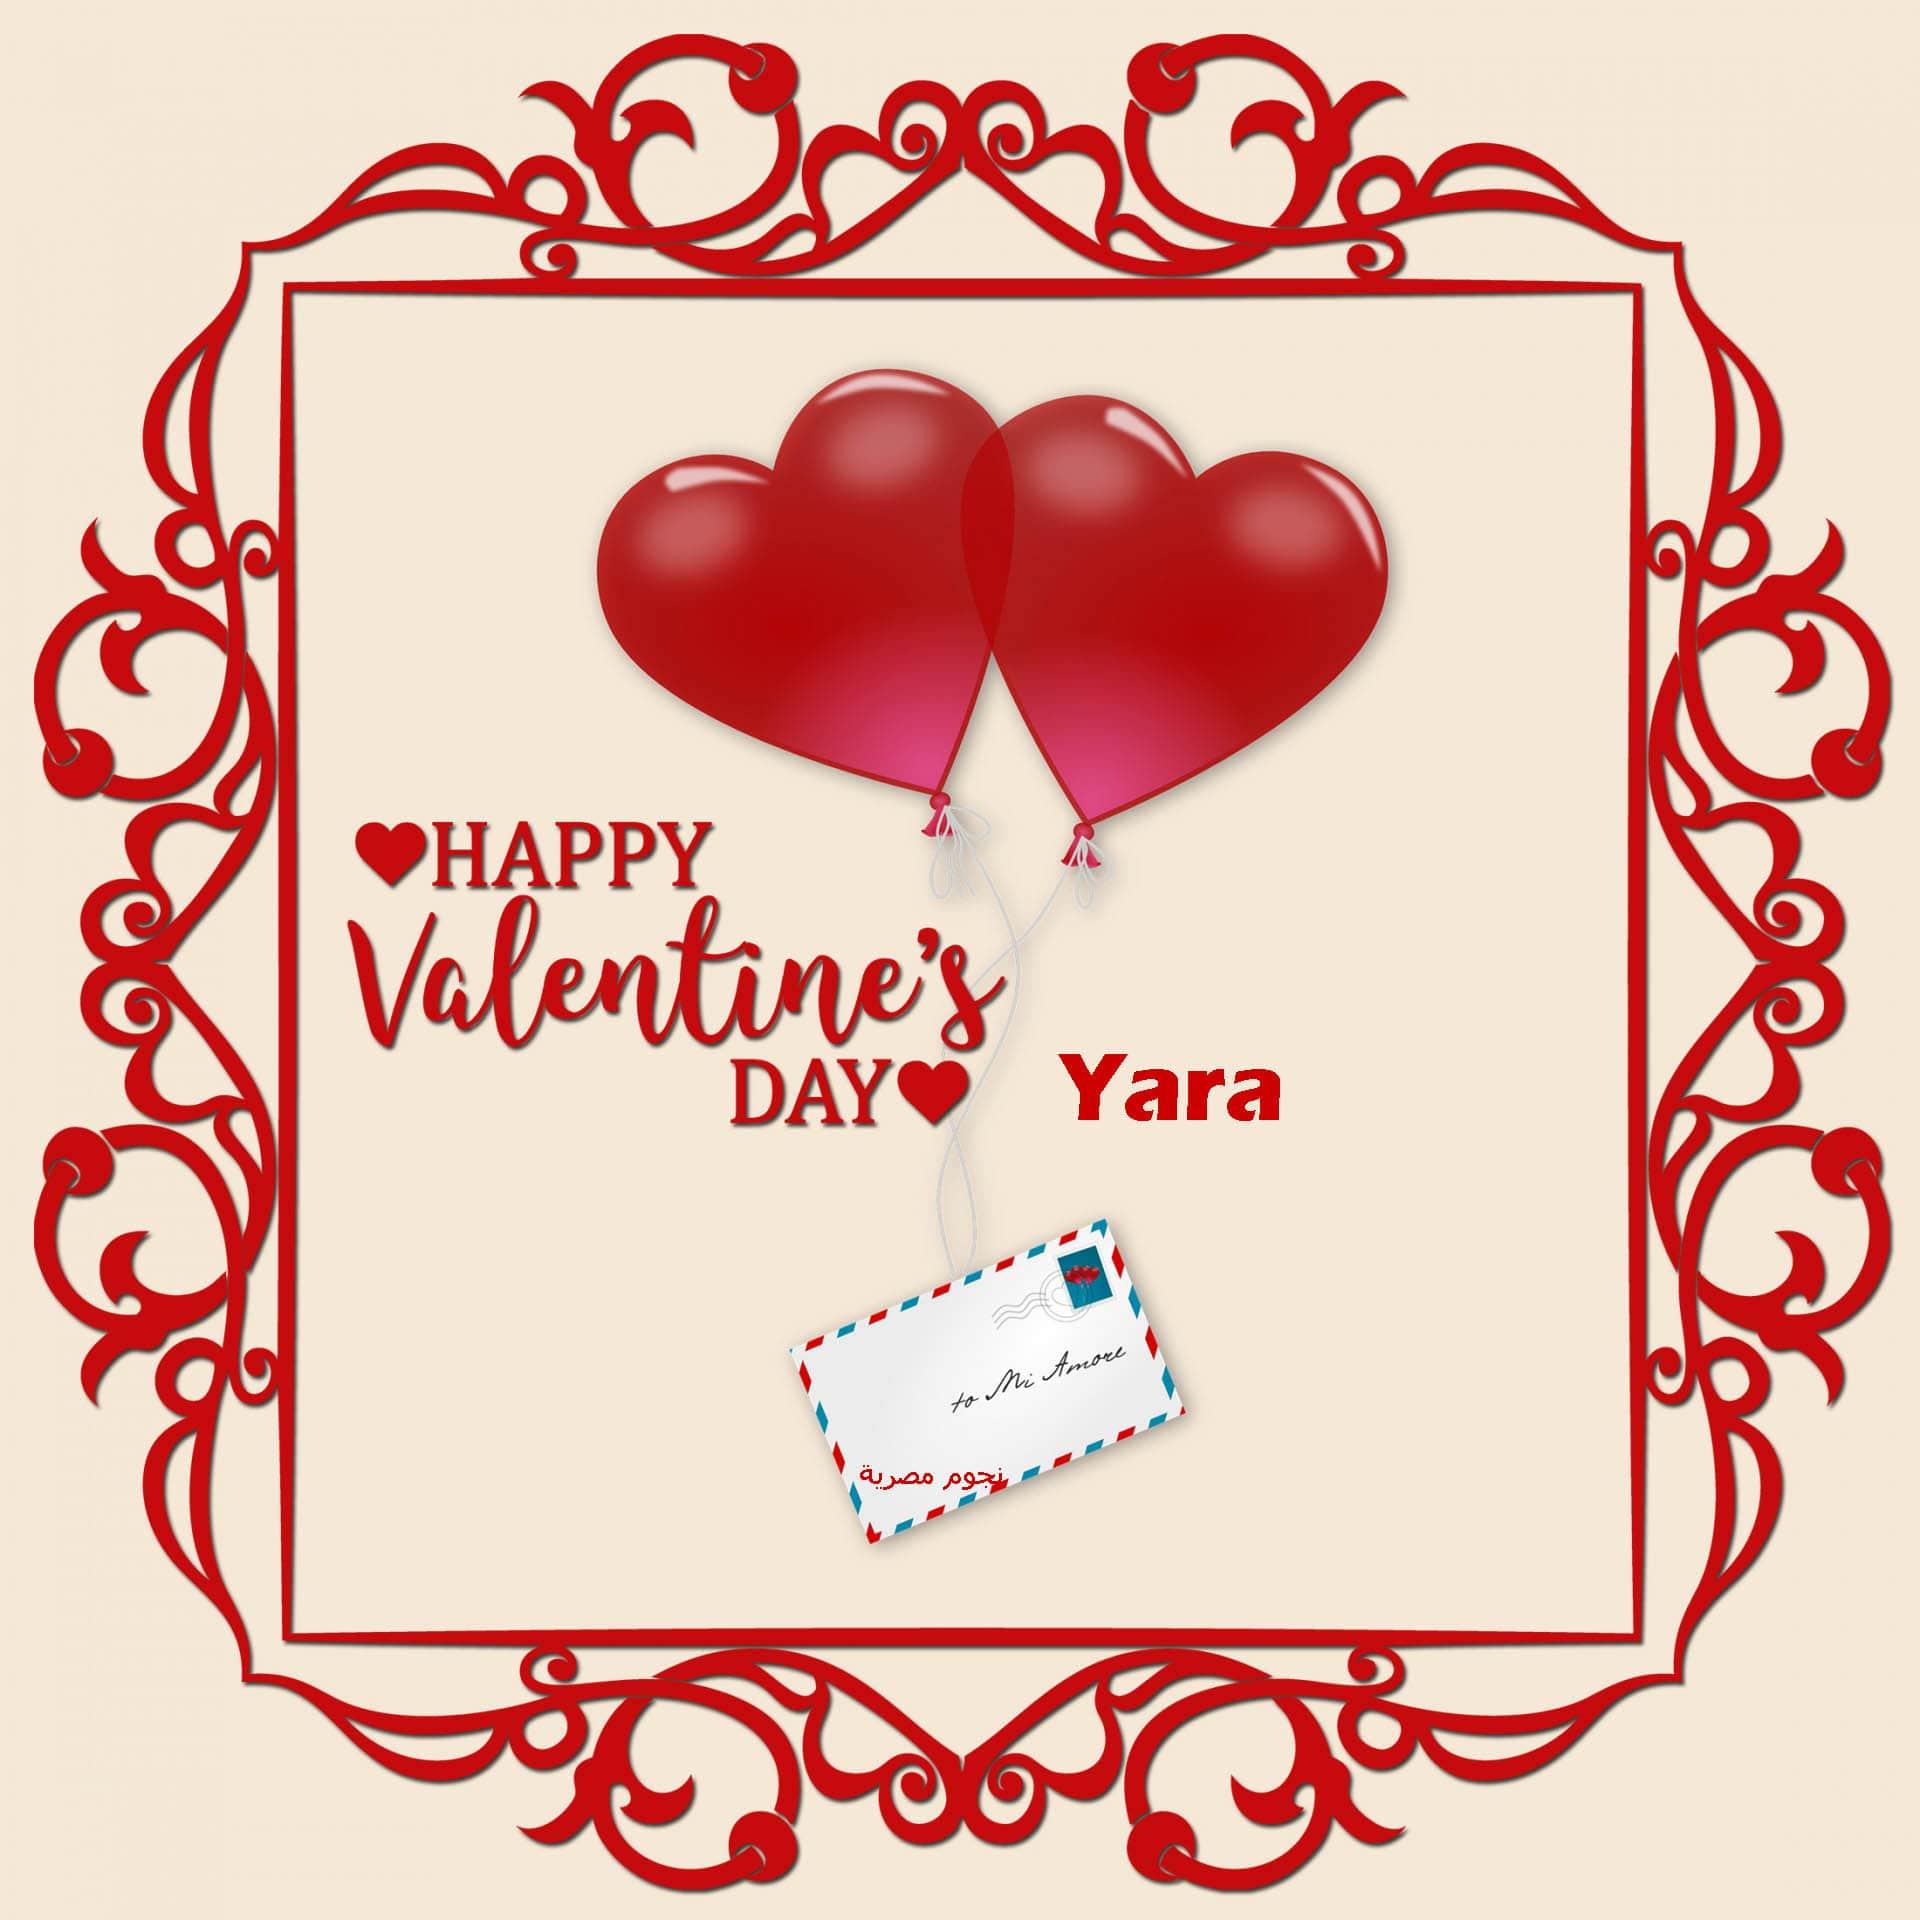 بالصور رسائل عن الحب , صور لعيد الحب 5203 17